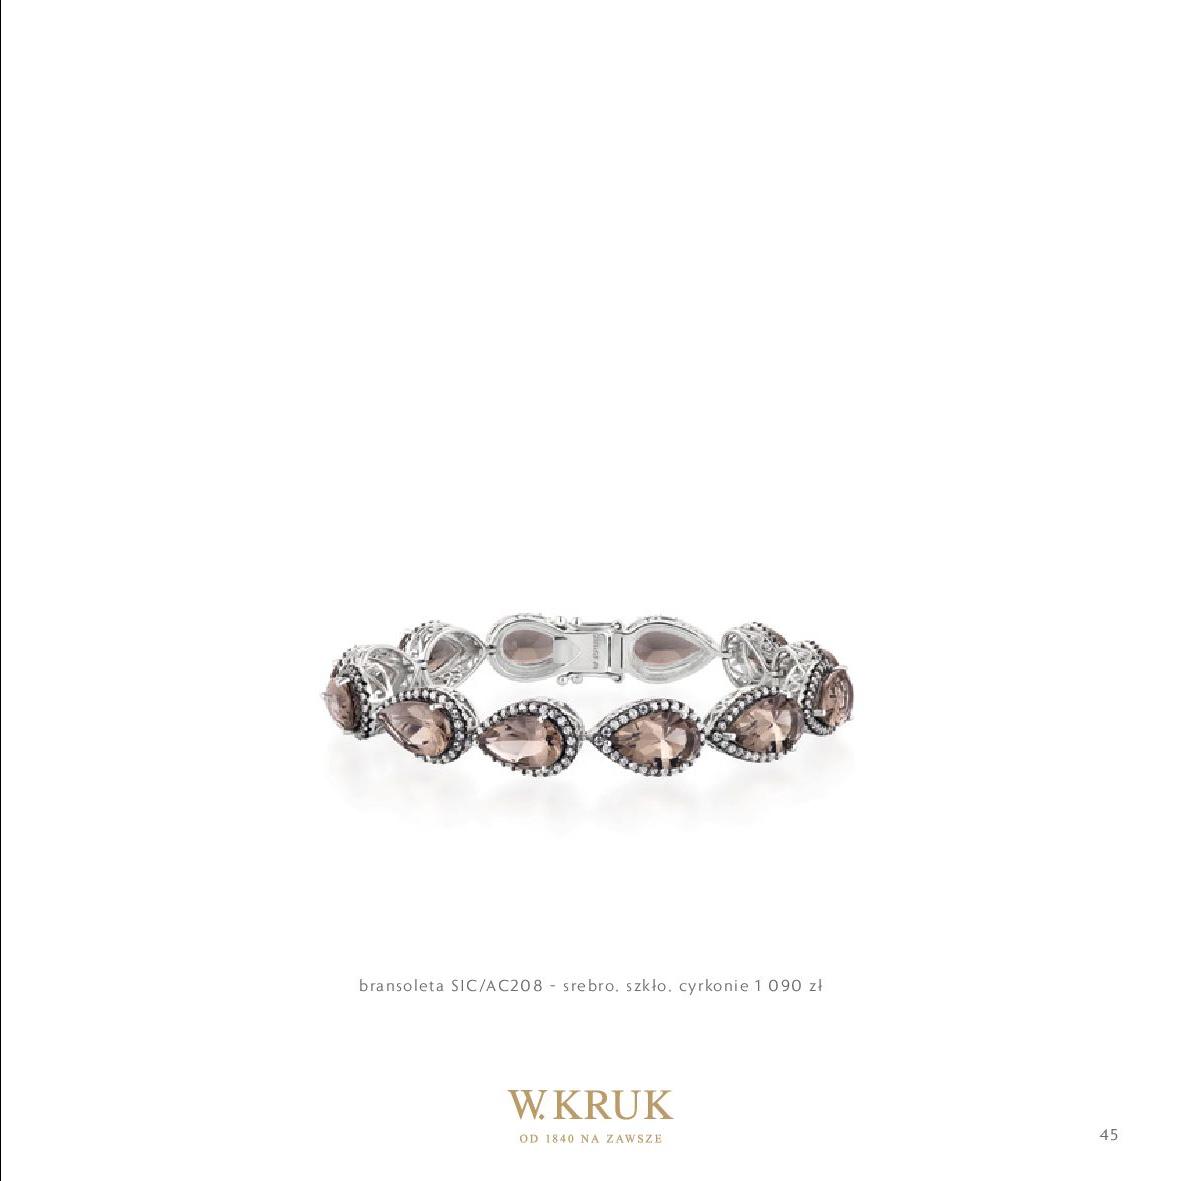 Gazetka W. KRUK: Katalog - Kolekcja Przyjaźń 2021-02-17 page-47